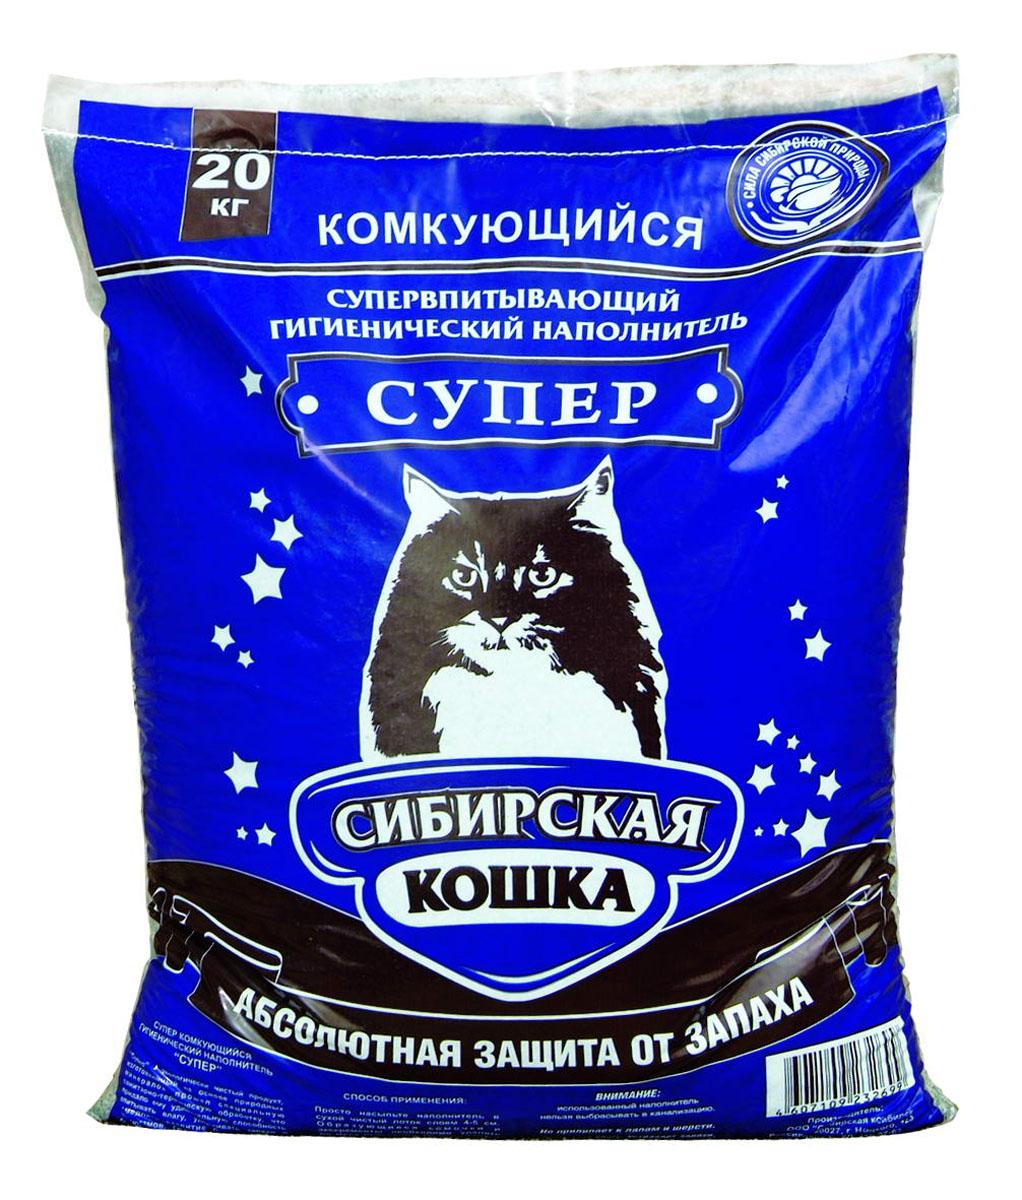 Наполнитель для кошачьих туалетов Сибирская Кошка Супер, комкующийся, 20 кг минеральный комкующийся наполнитель сибирская кошка ультра для кошек 3л